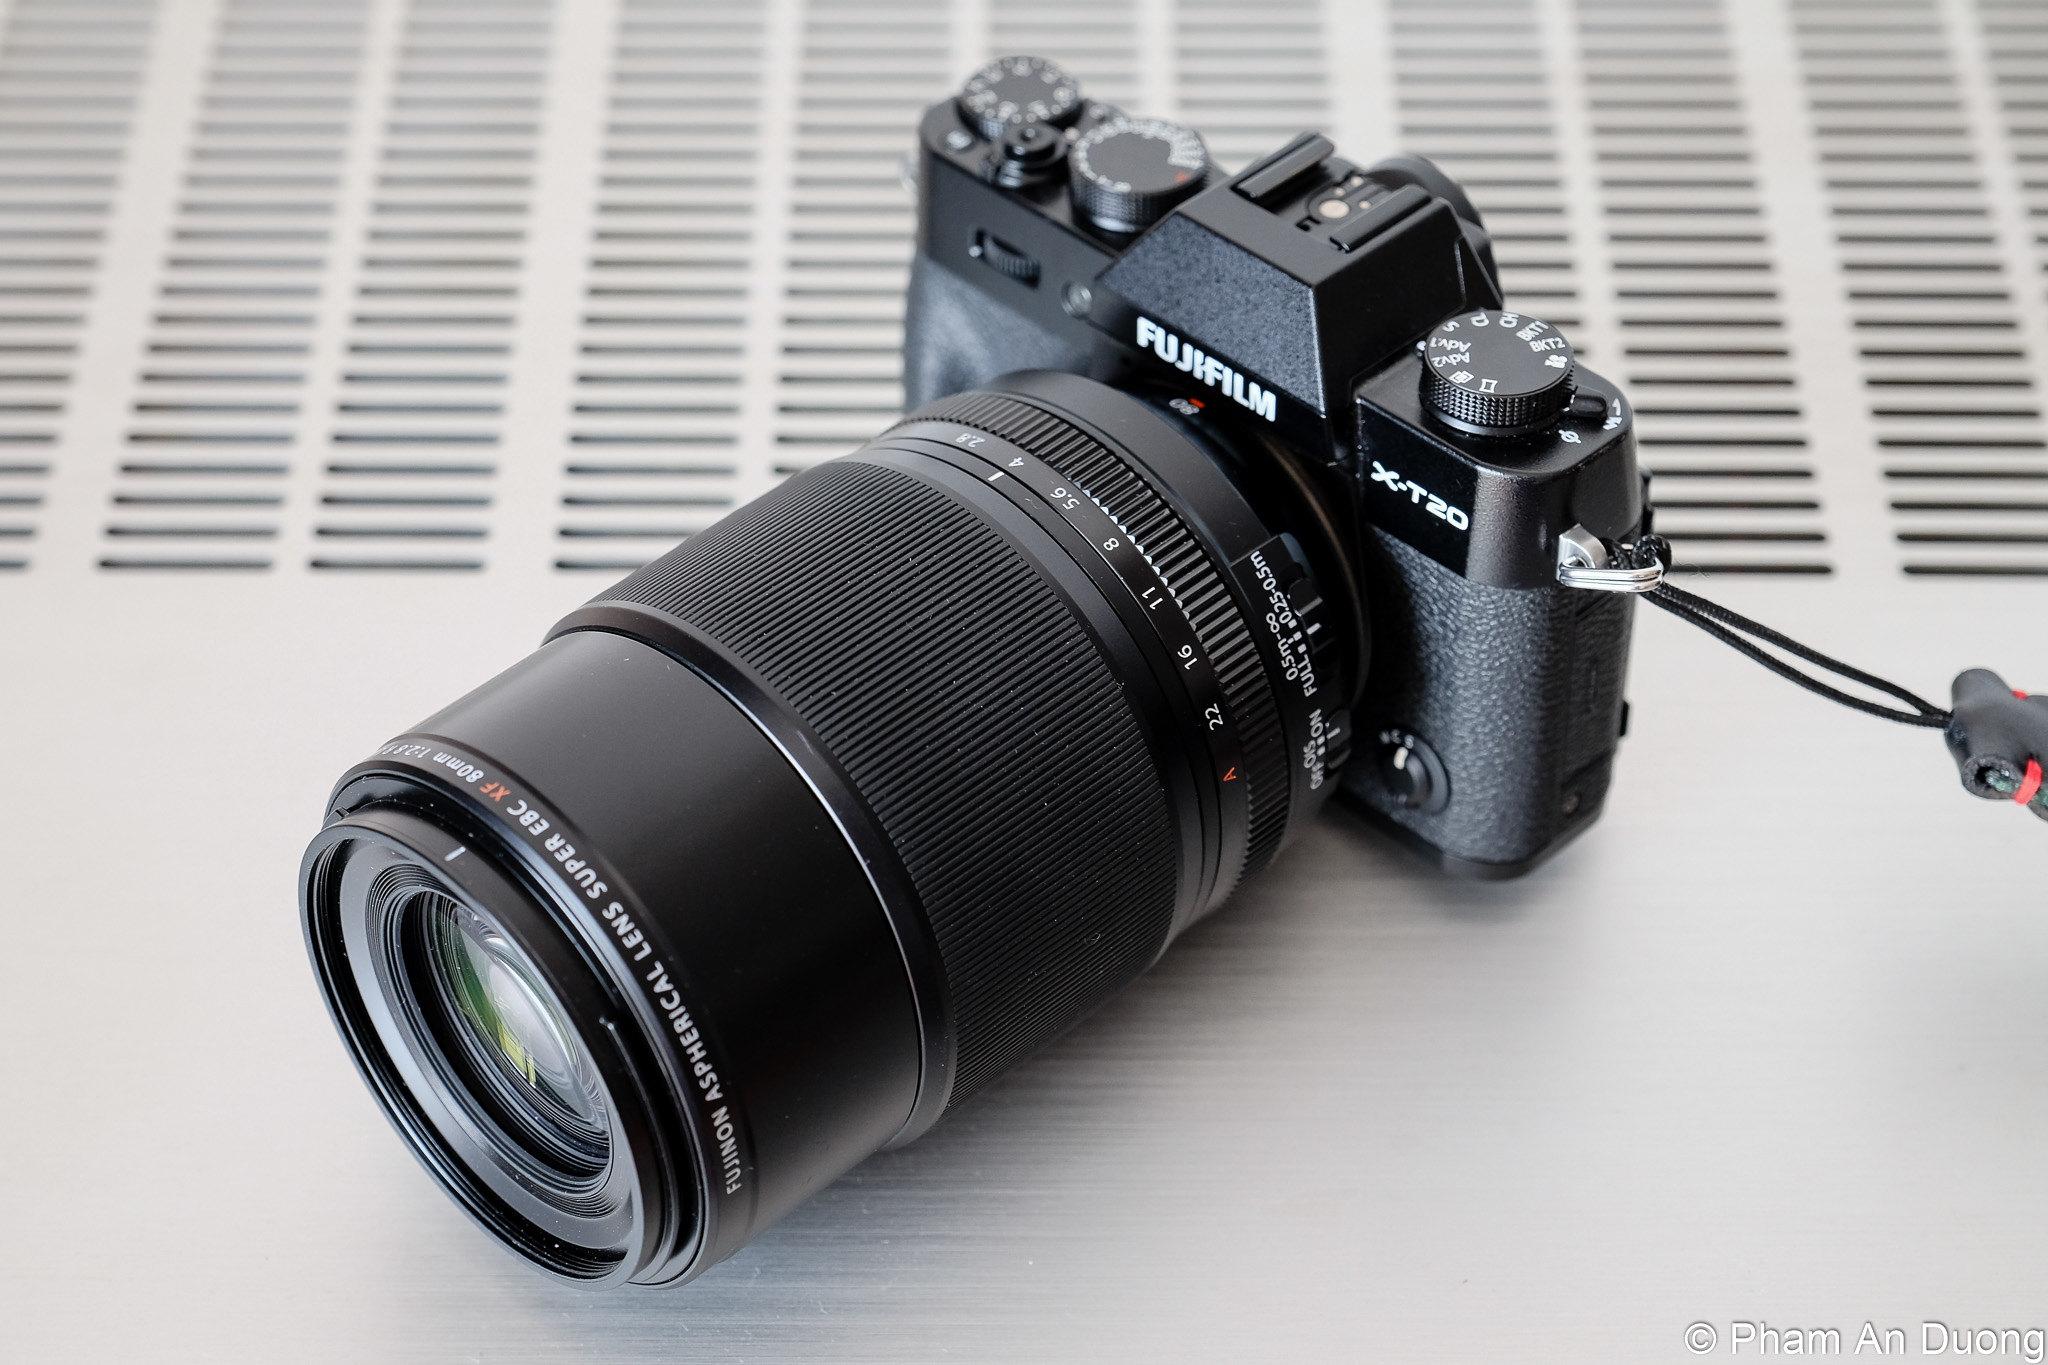 Kết quả hình ảnh cho Fujinon XF 80mm f/2.8 R LM OIS WR Macro